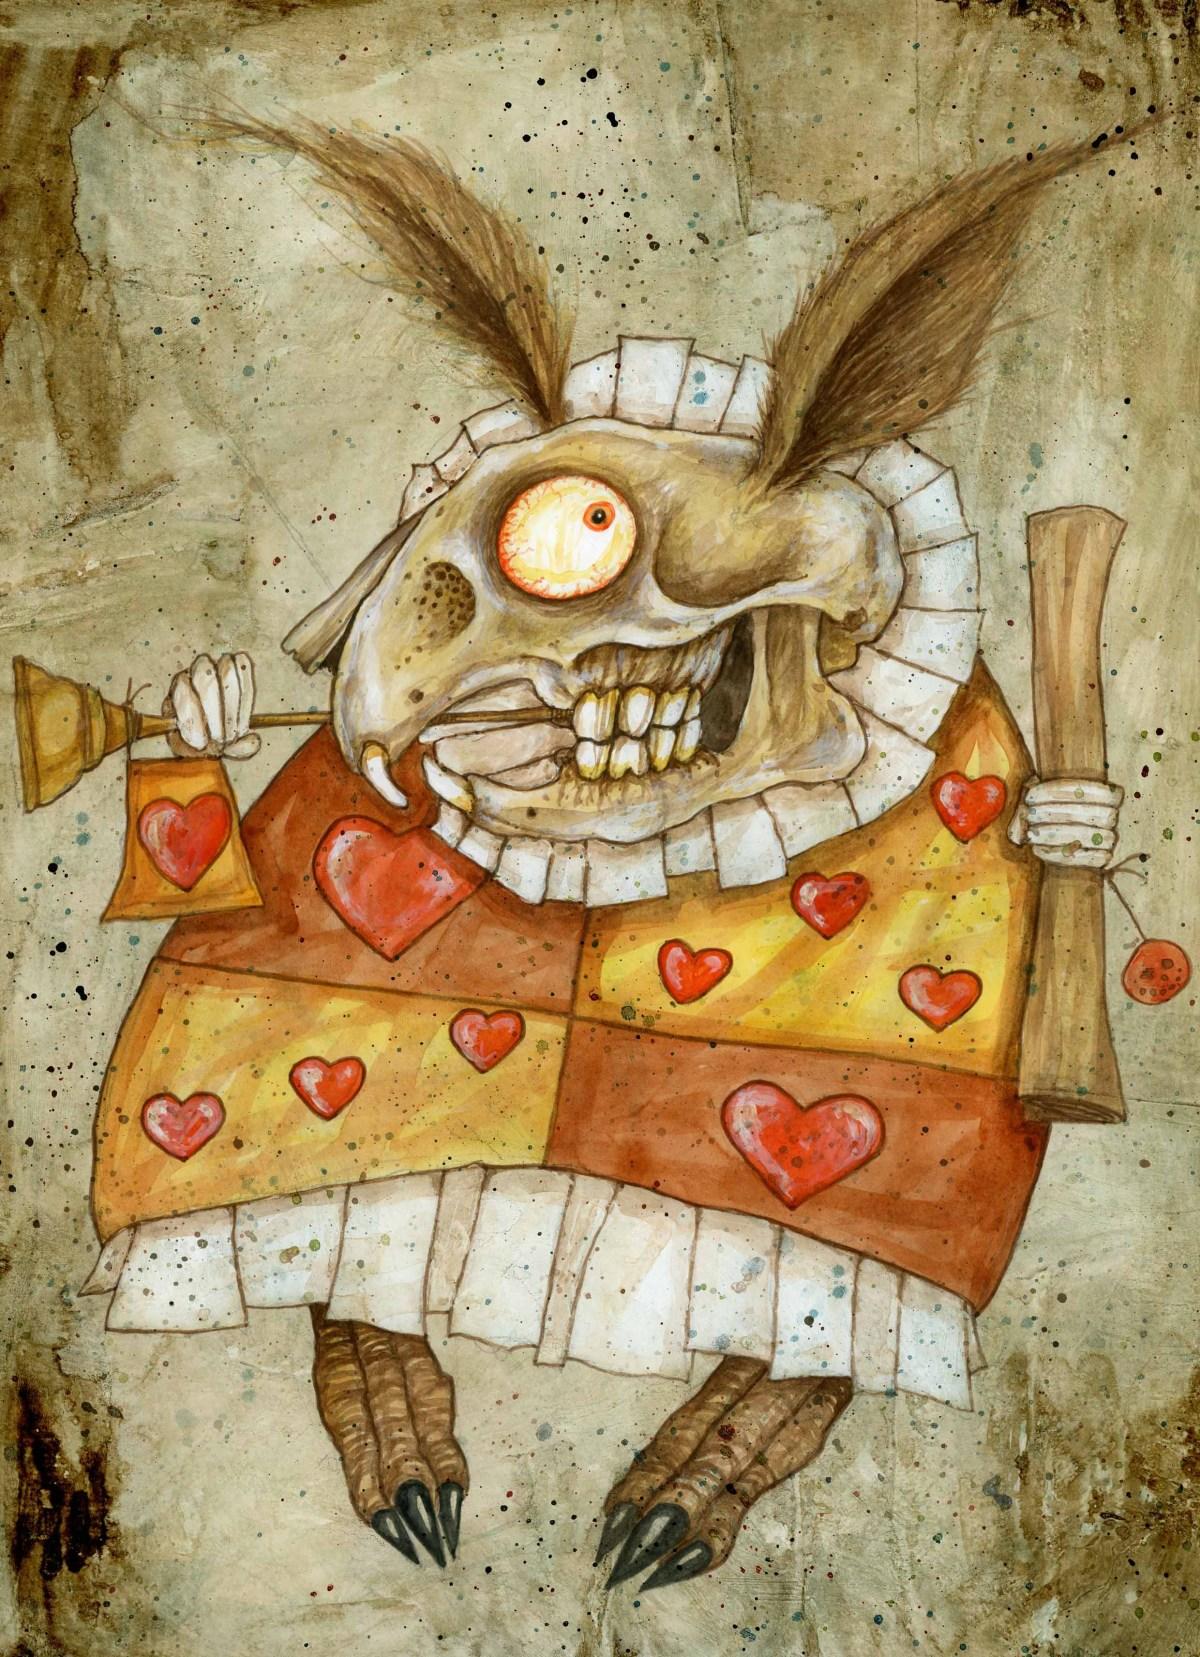 Coniglio trombettiere ©Stefano Bessoni